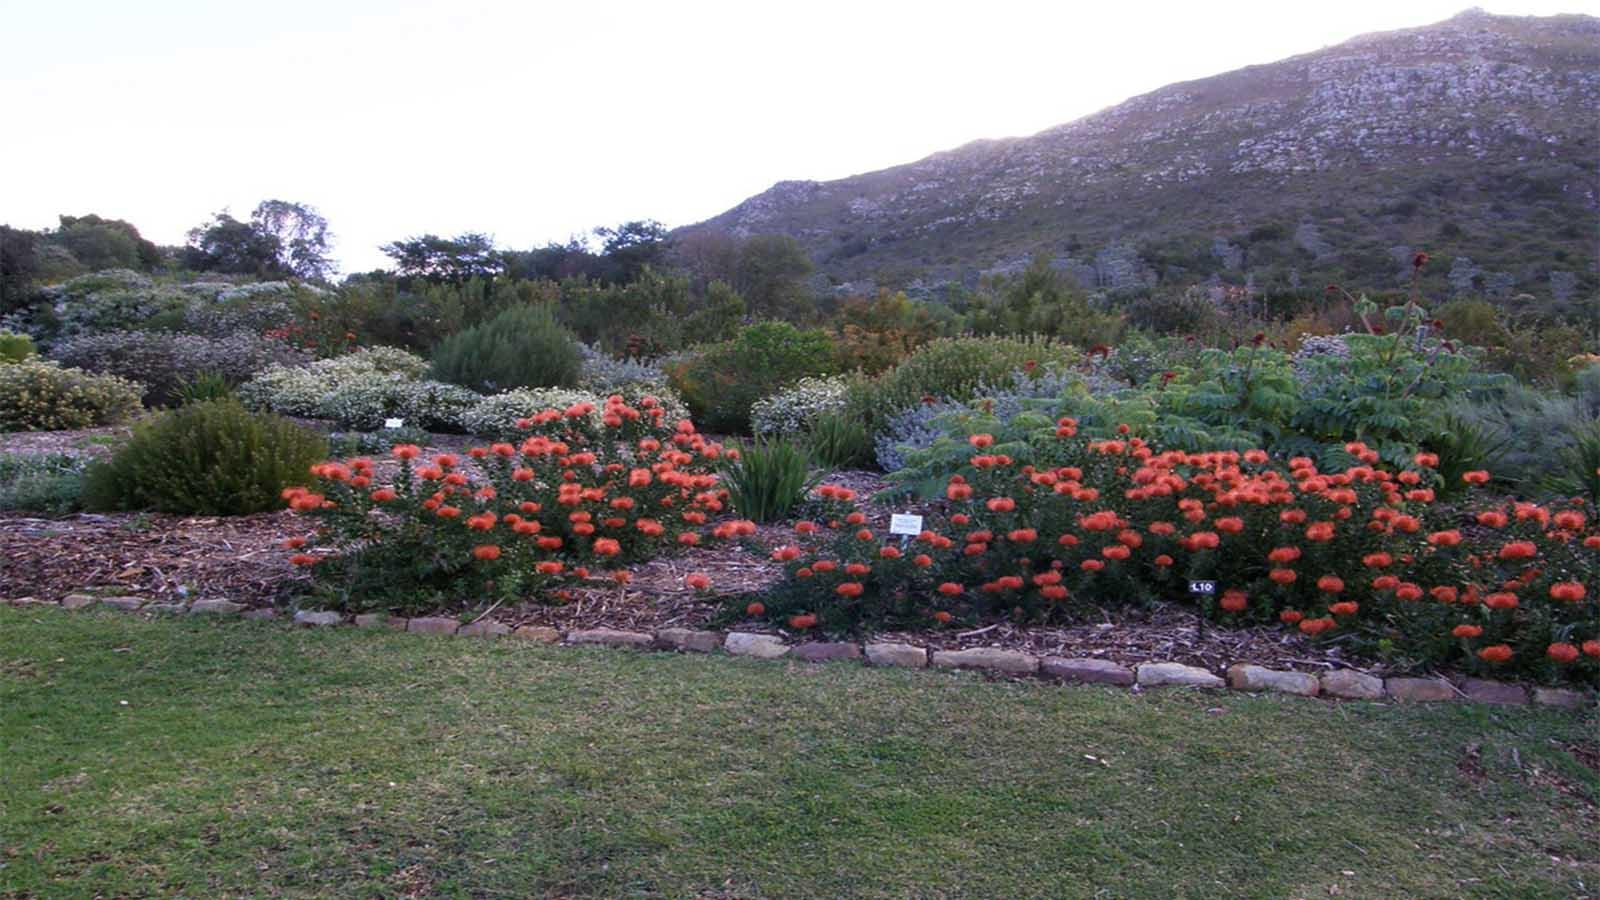 Jardín Botánico Nacional de Kirstenbosch 4